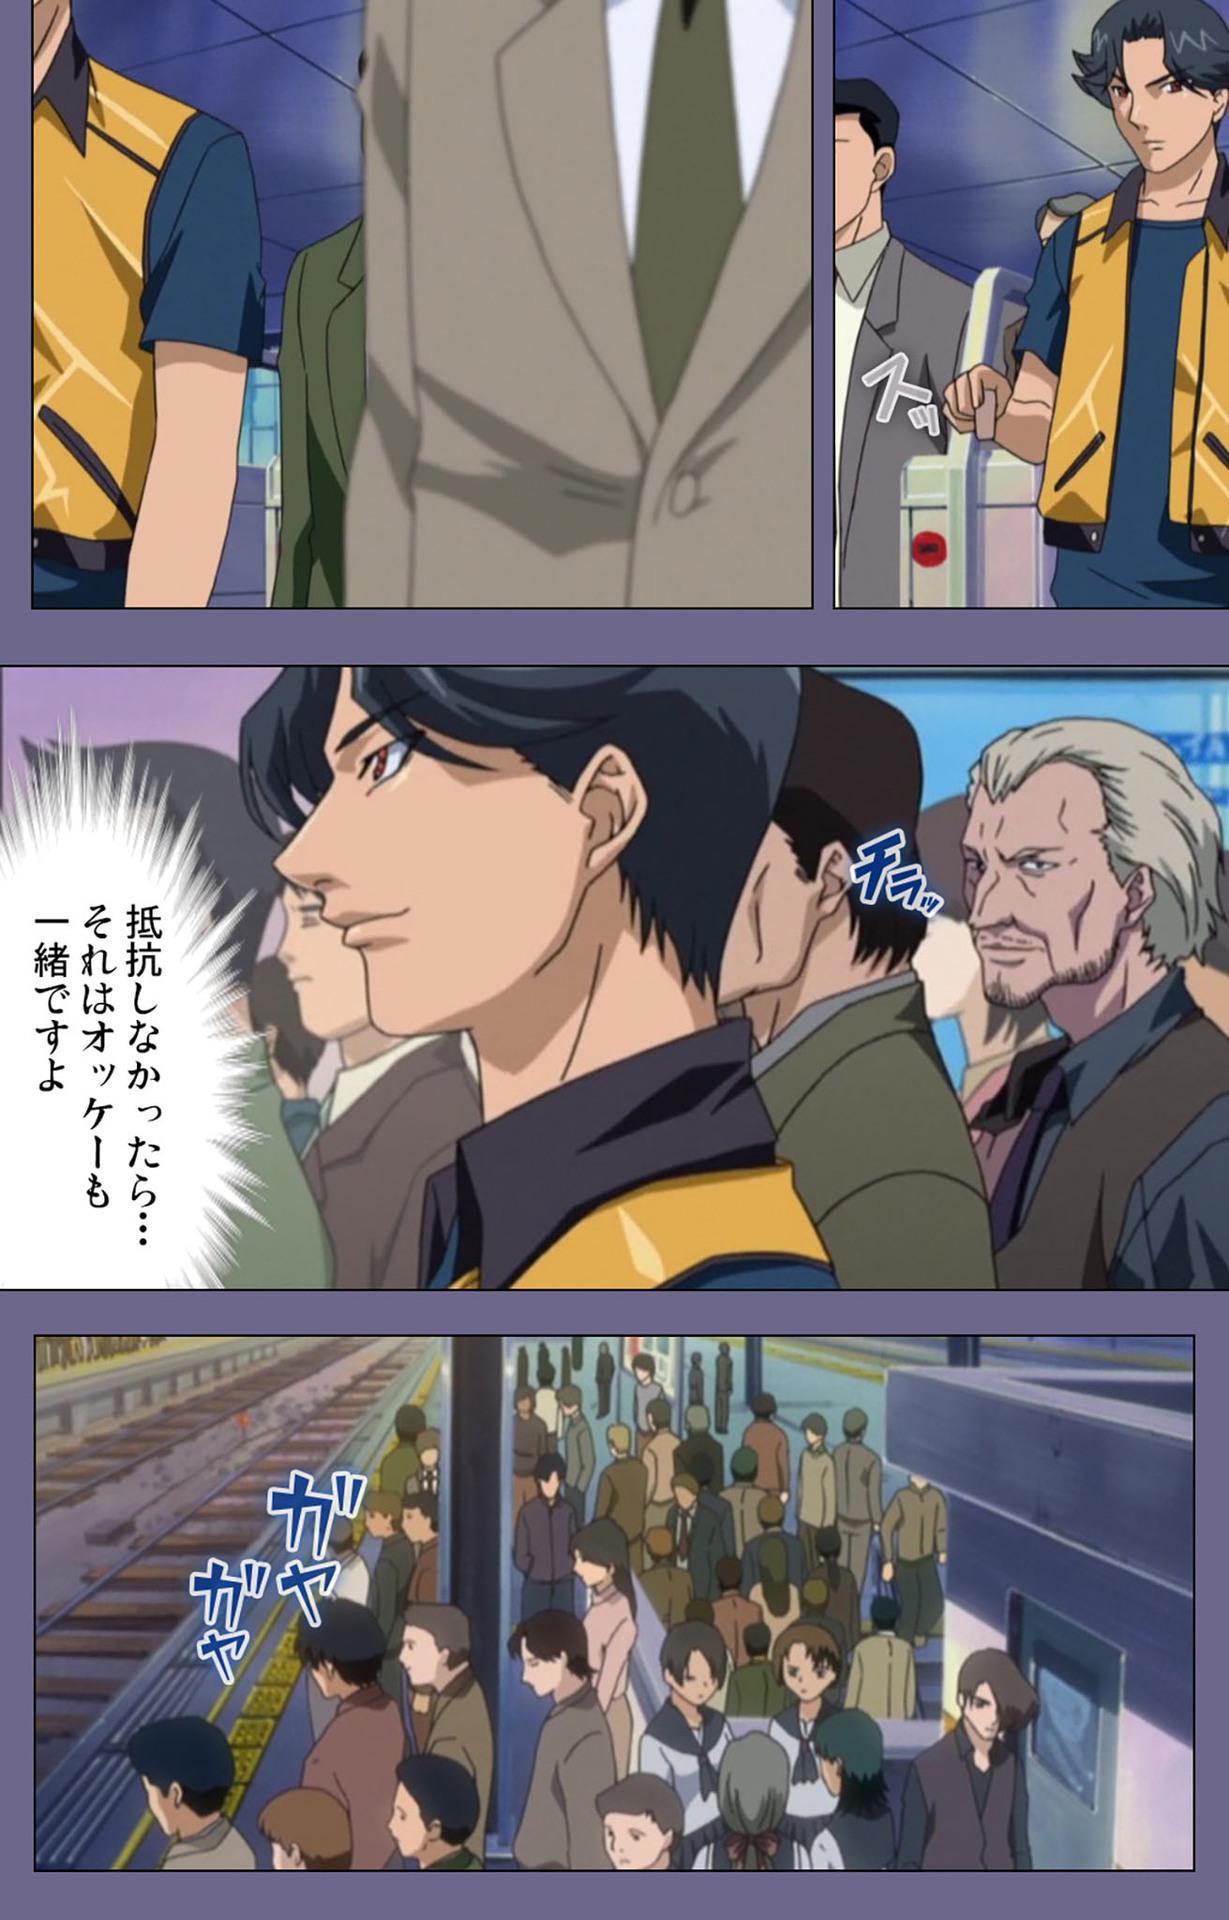 Itazura kanzenhan 25